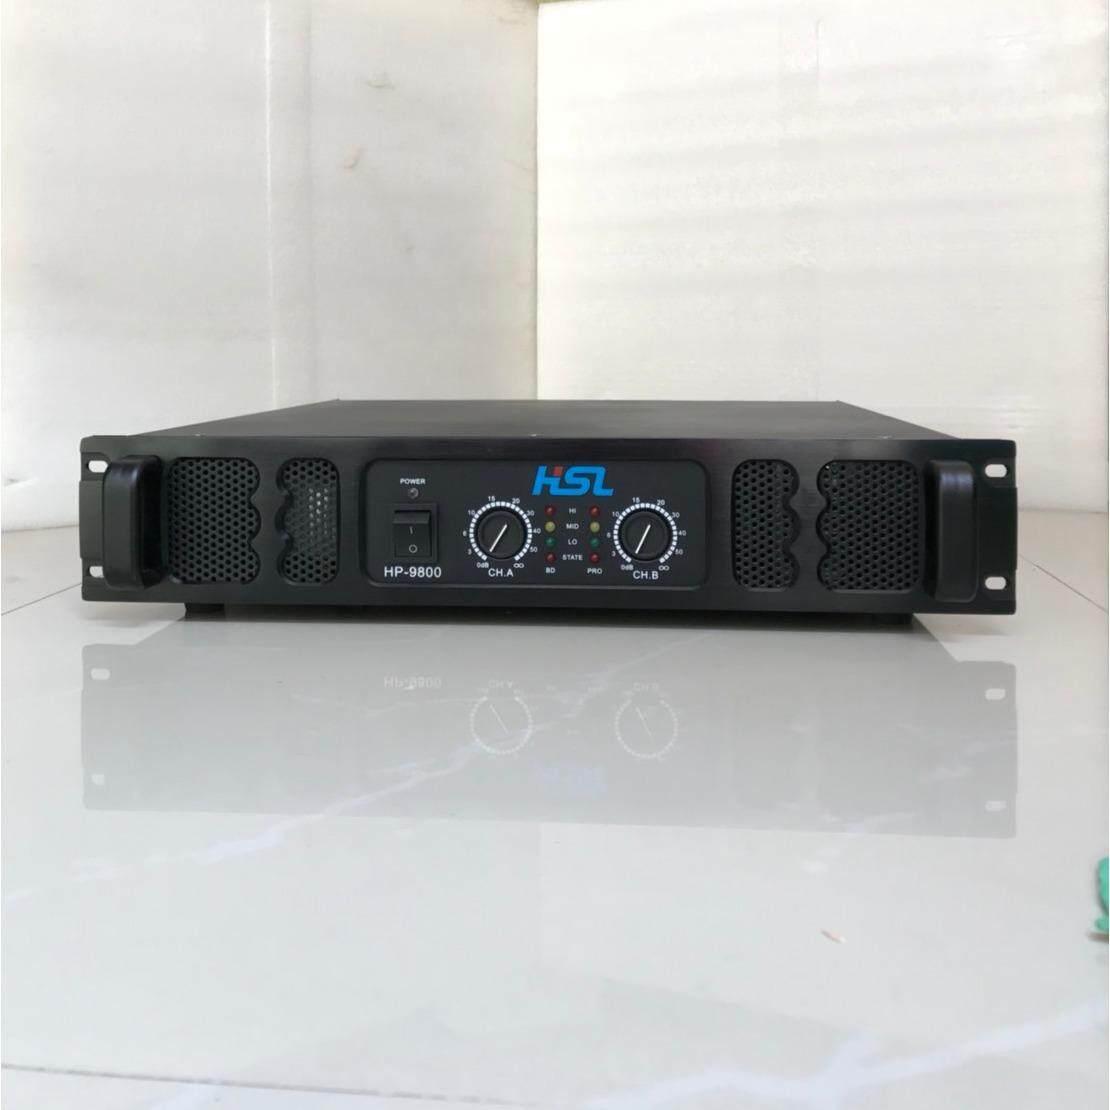 เพาเวอร์แอมป์ เครื่องขยายเสียง 400วัตต์ รุ่น HP-9800